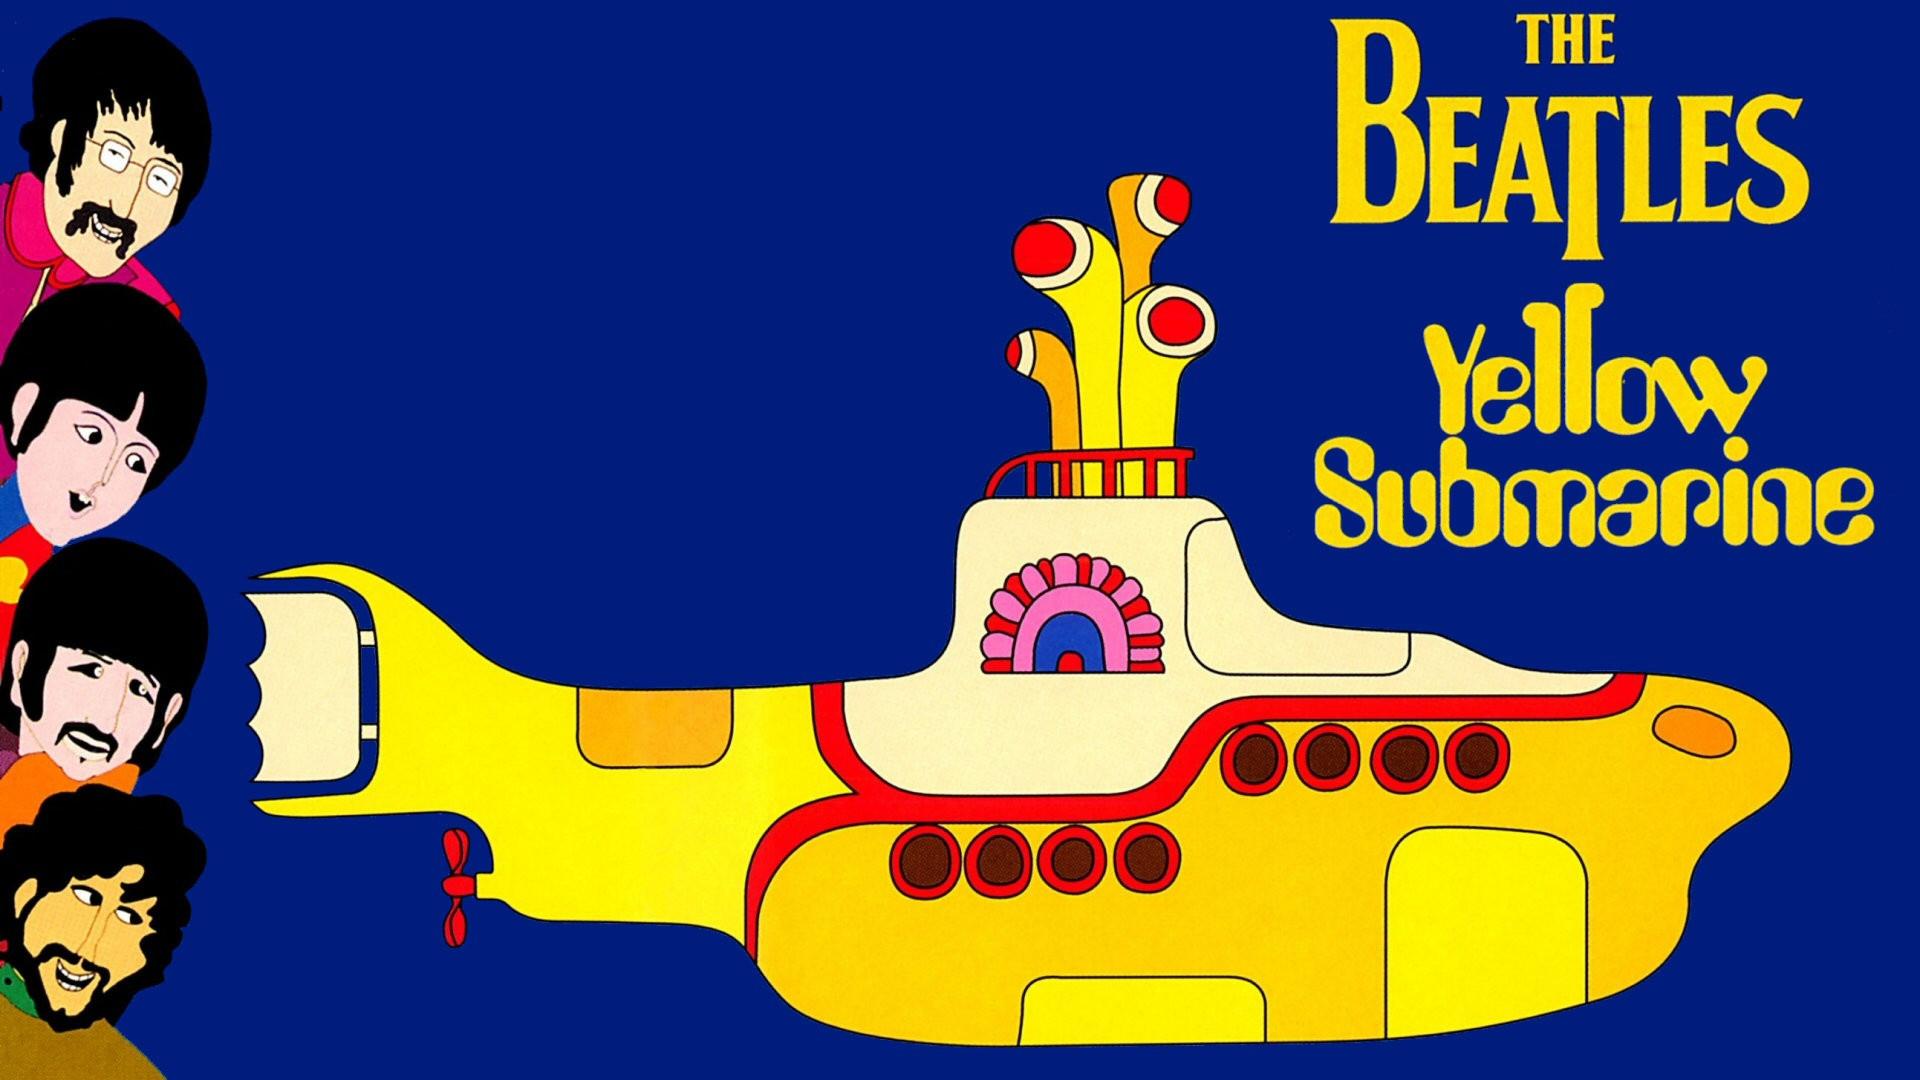 желтая подводная лодка картинка битлз